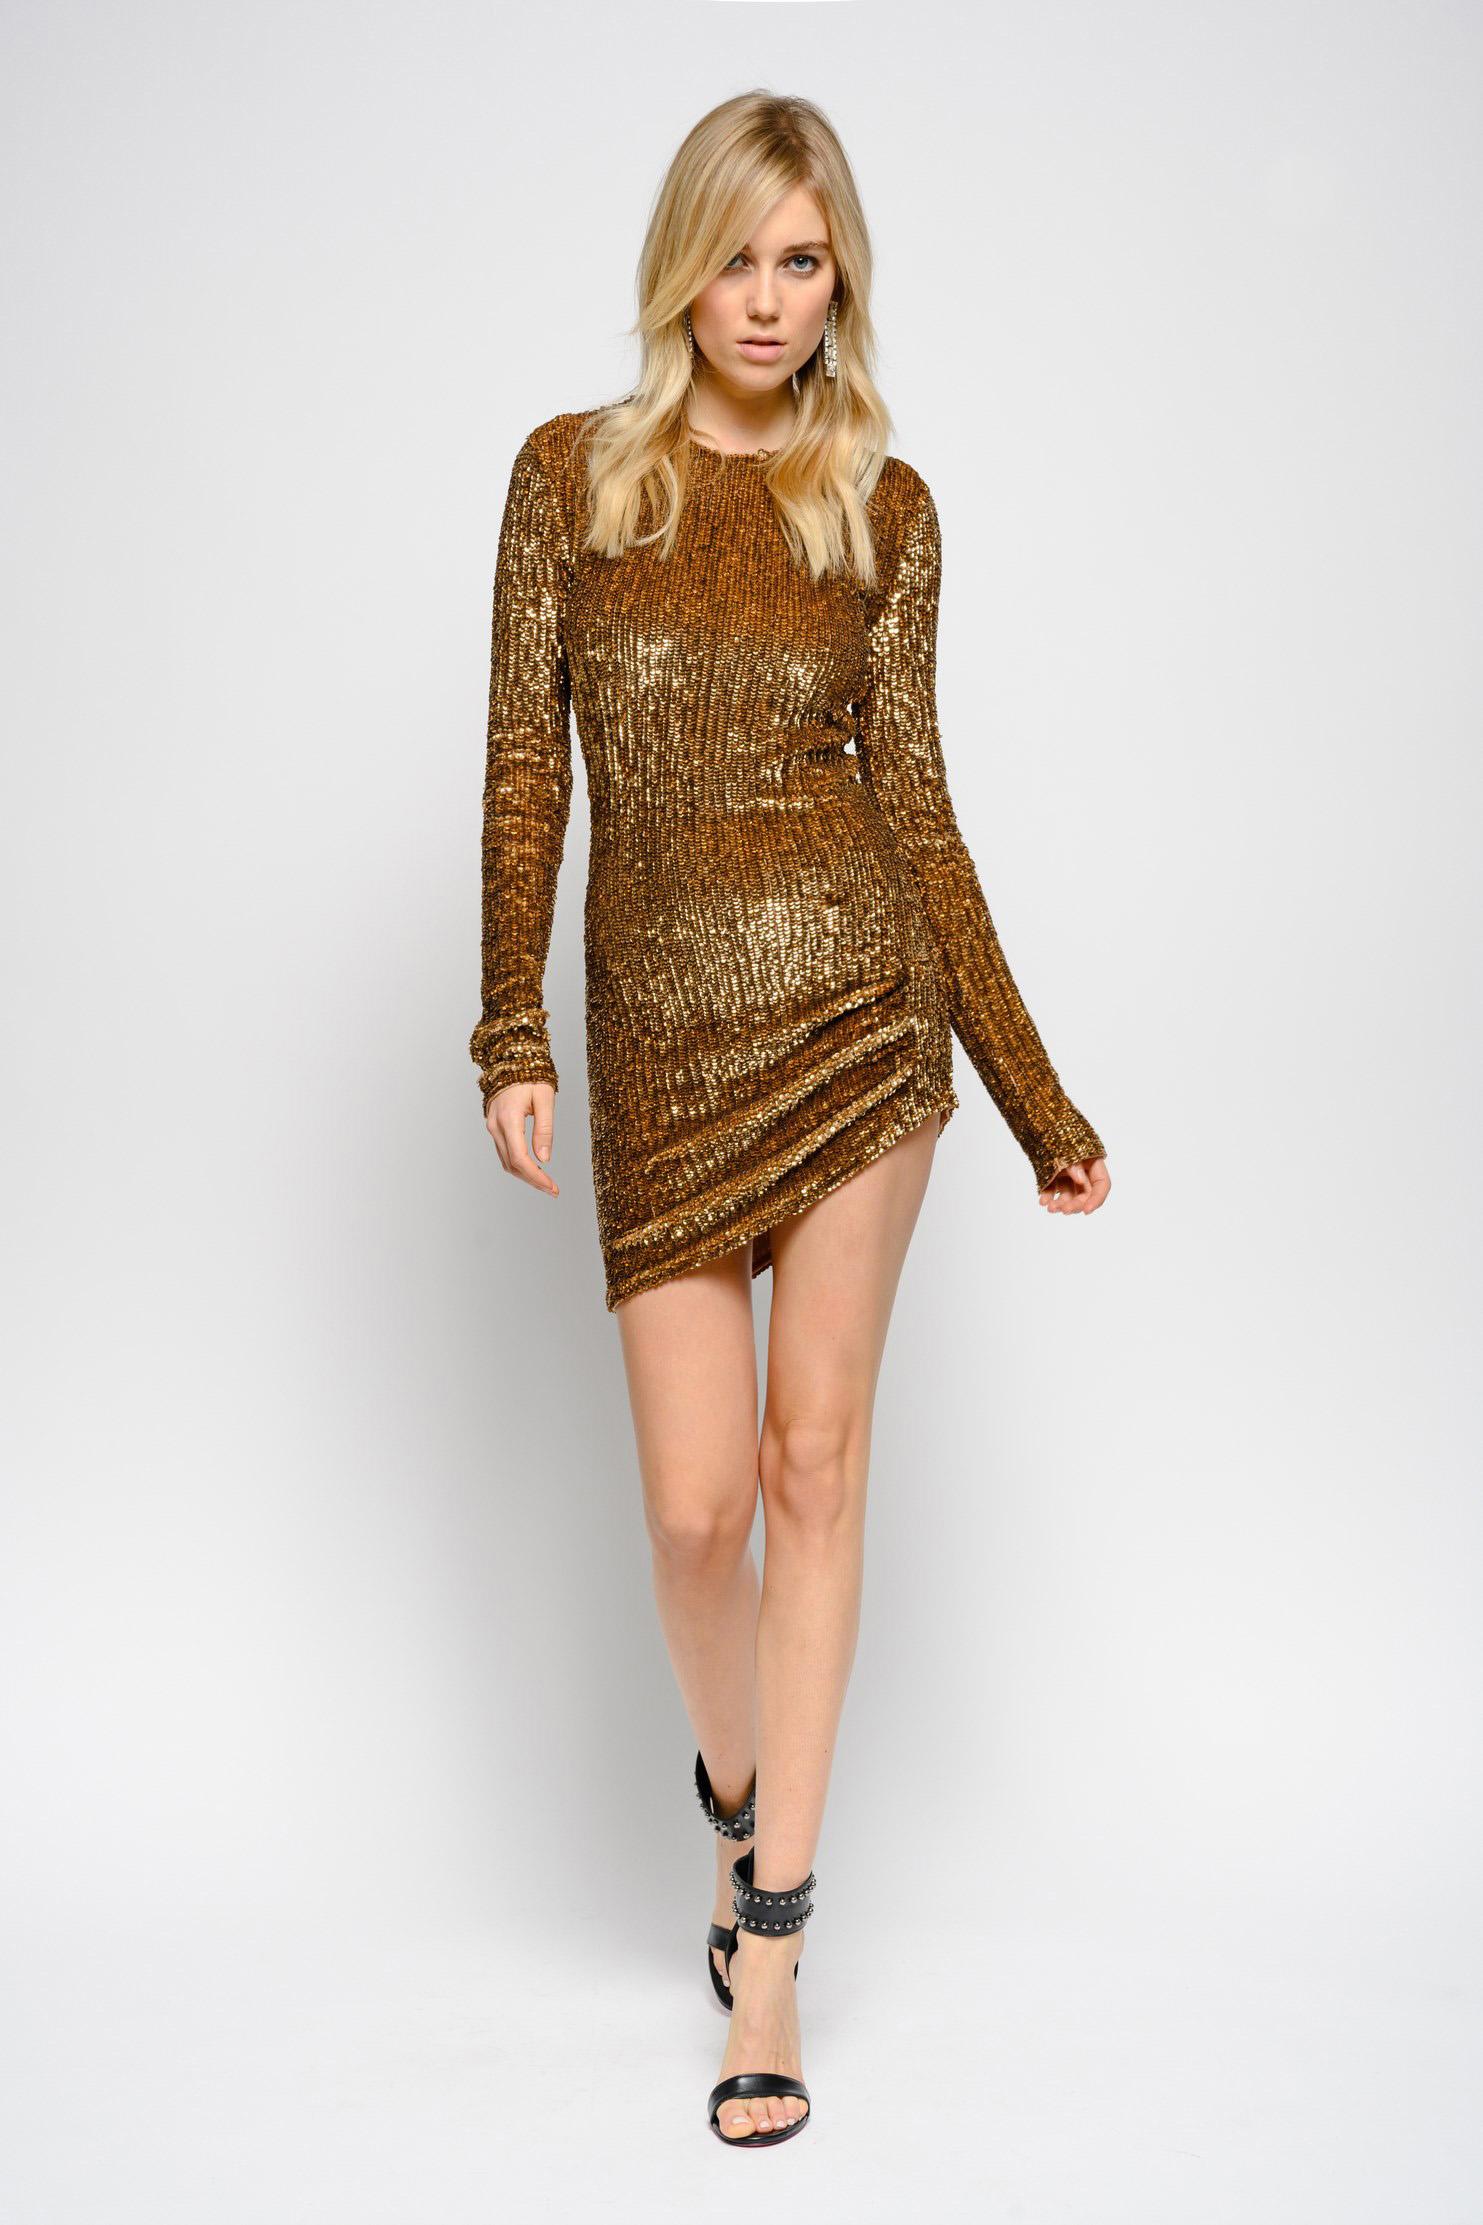 Abito oro glitter Pinko a 880 euro